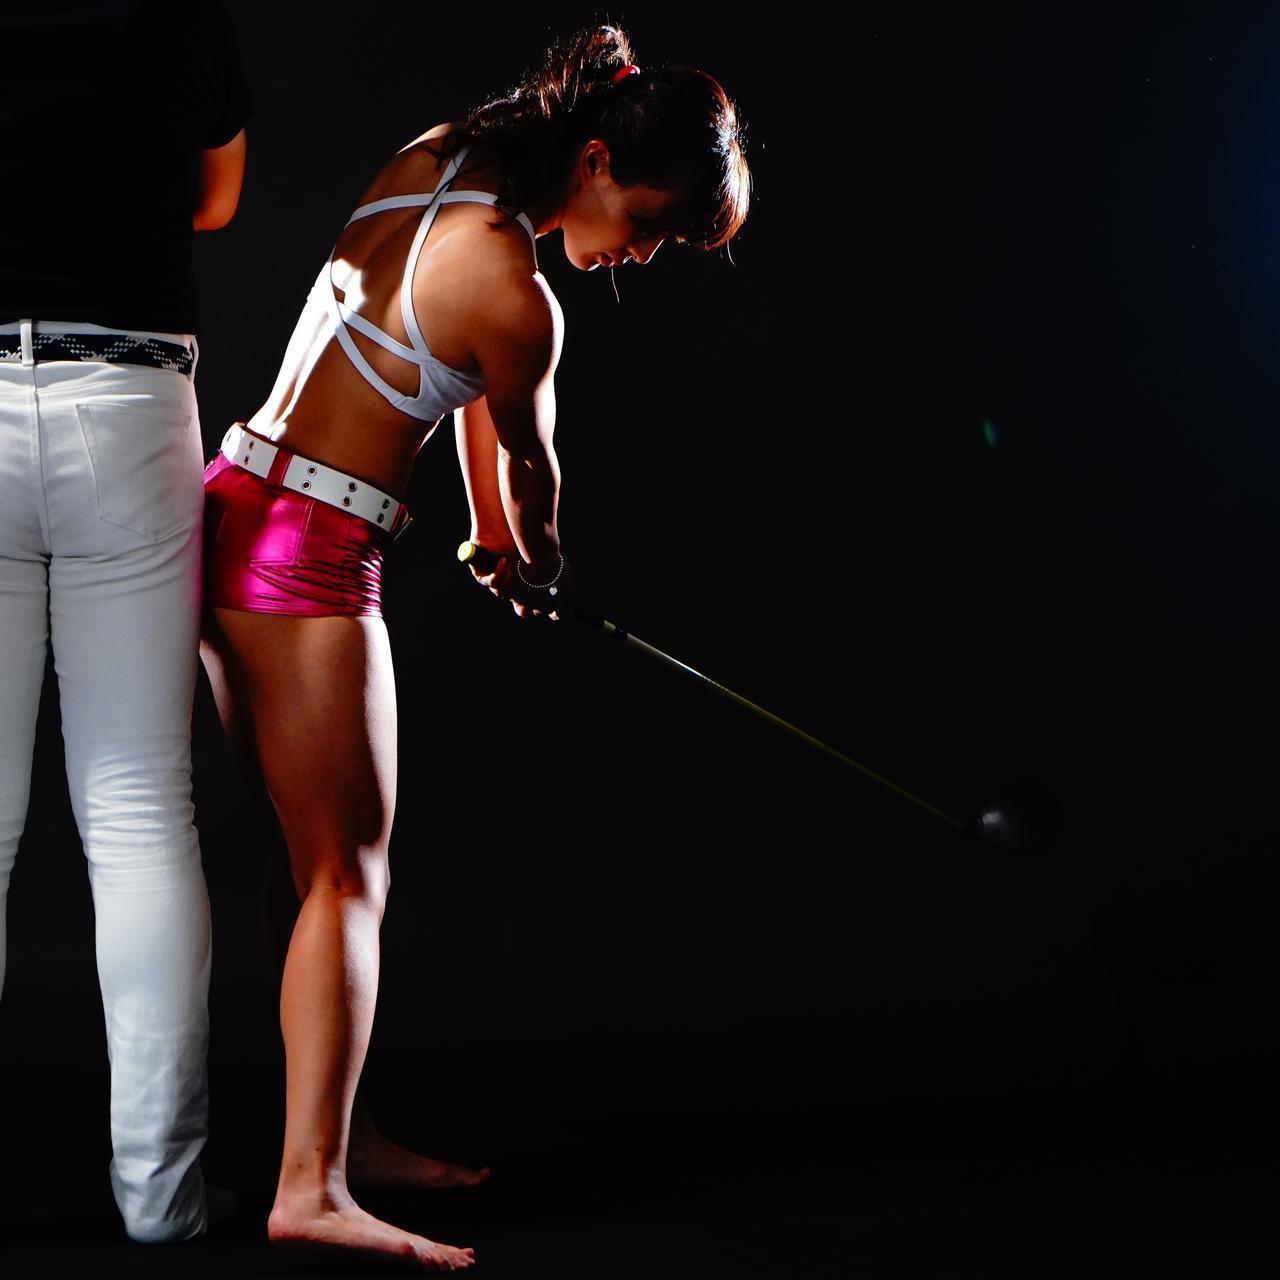 画像: 回転を意識すると体が起き上がってしまいがち。フォローまでお尻を壁につけるイメージ